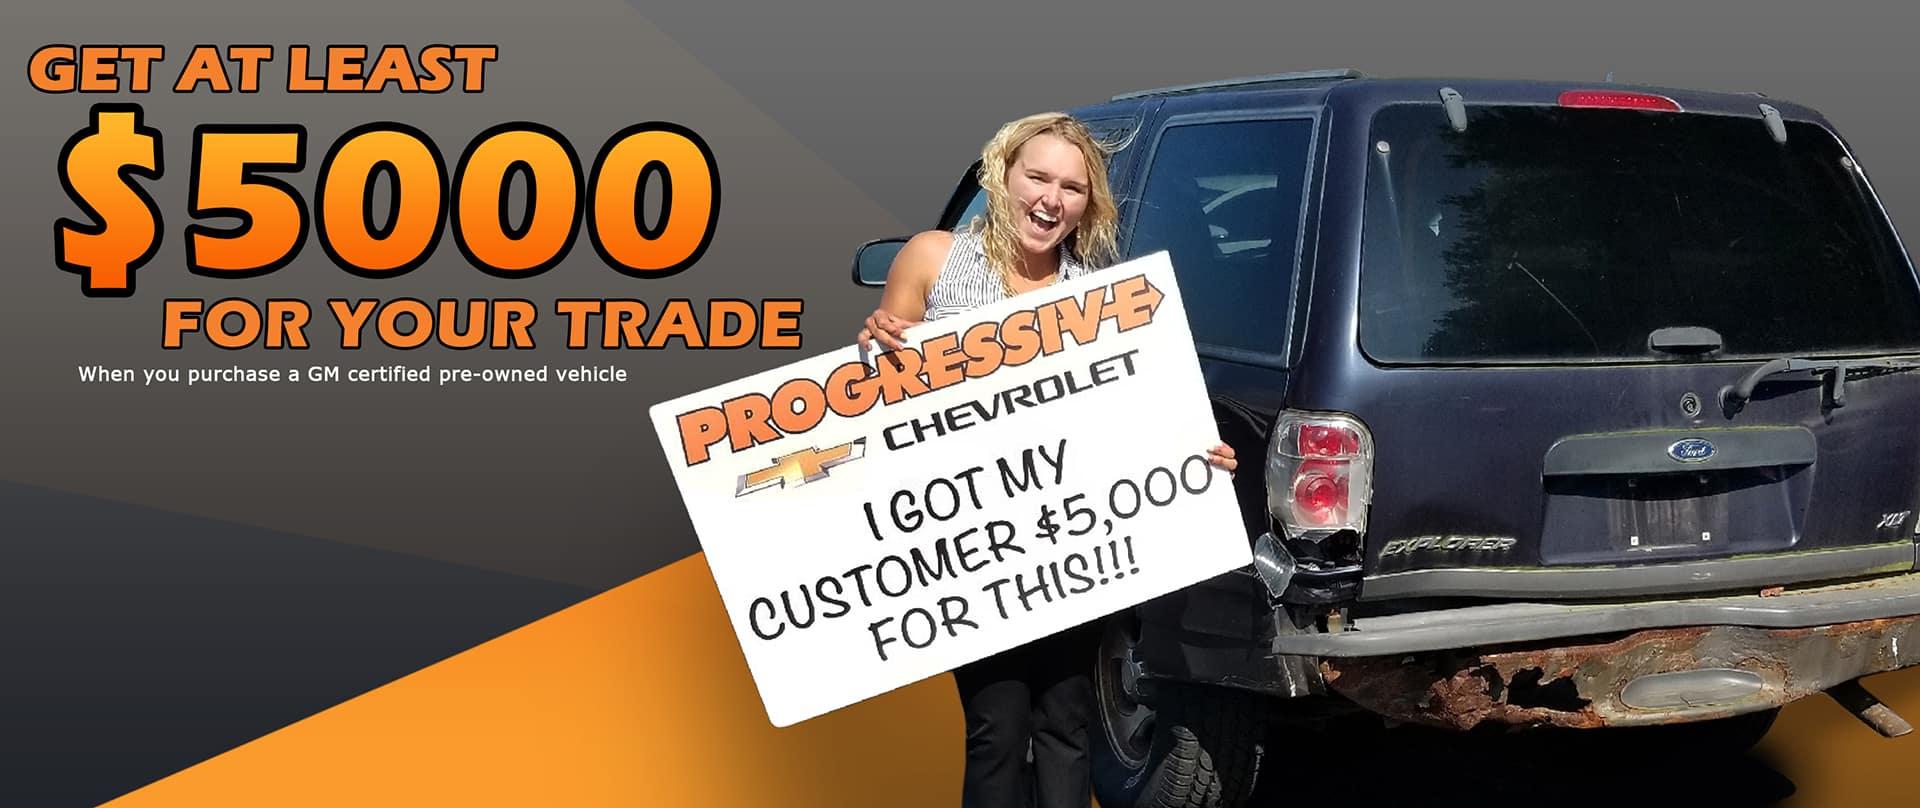 5000 trade in guarantee ford investire soldi all'estero